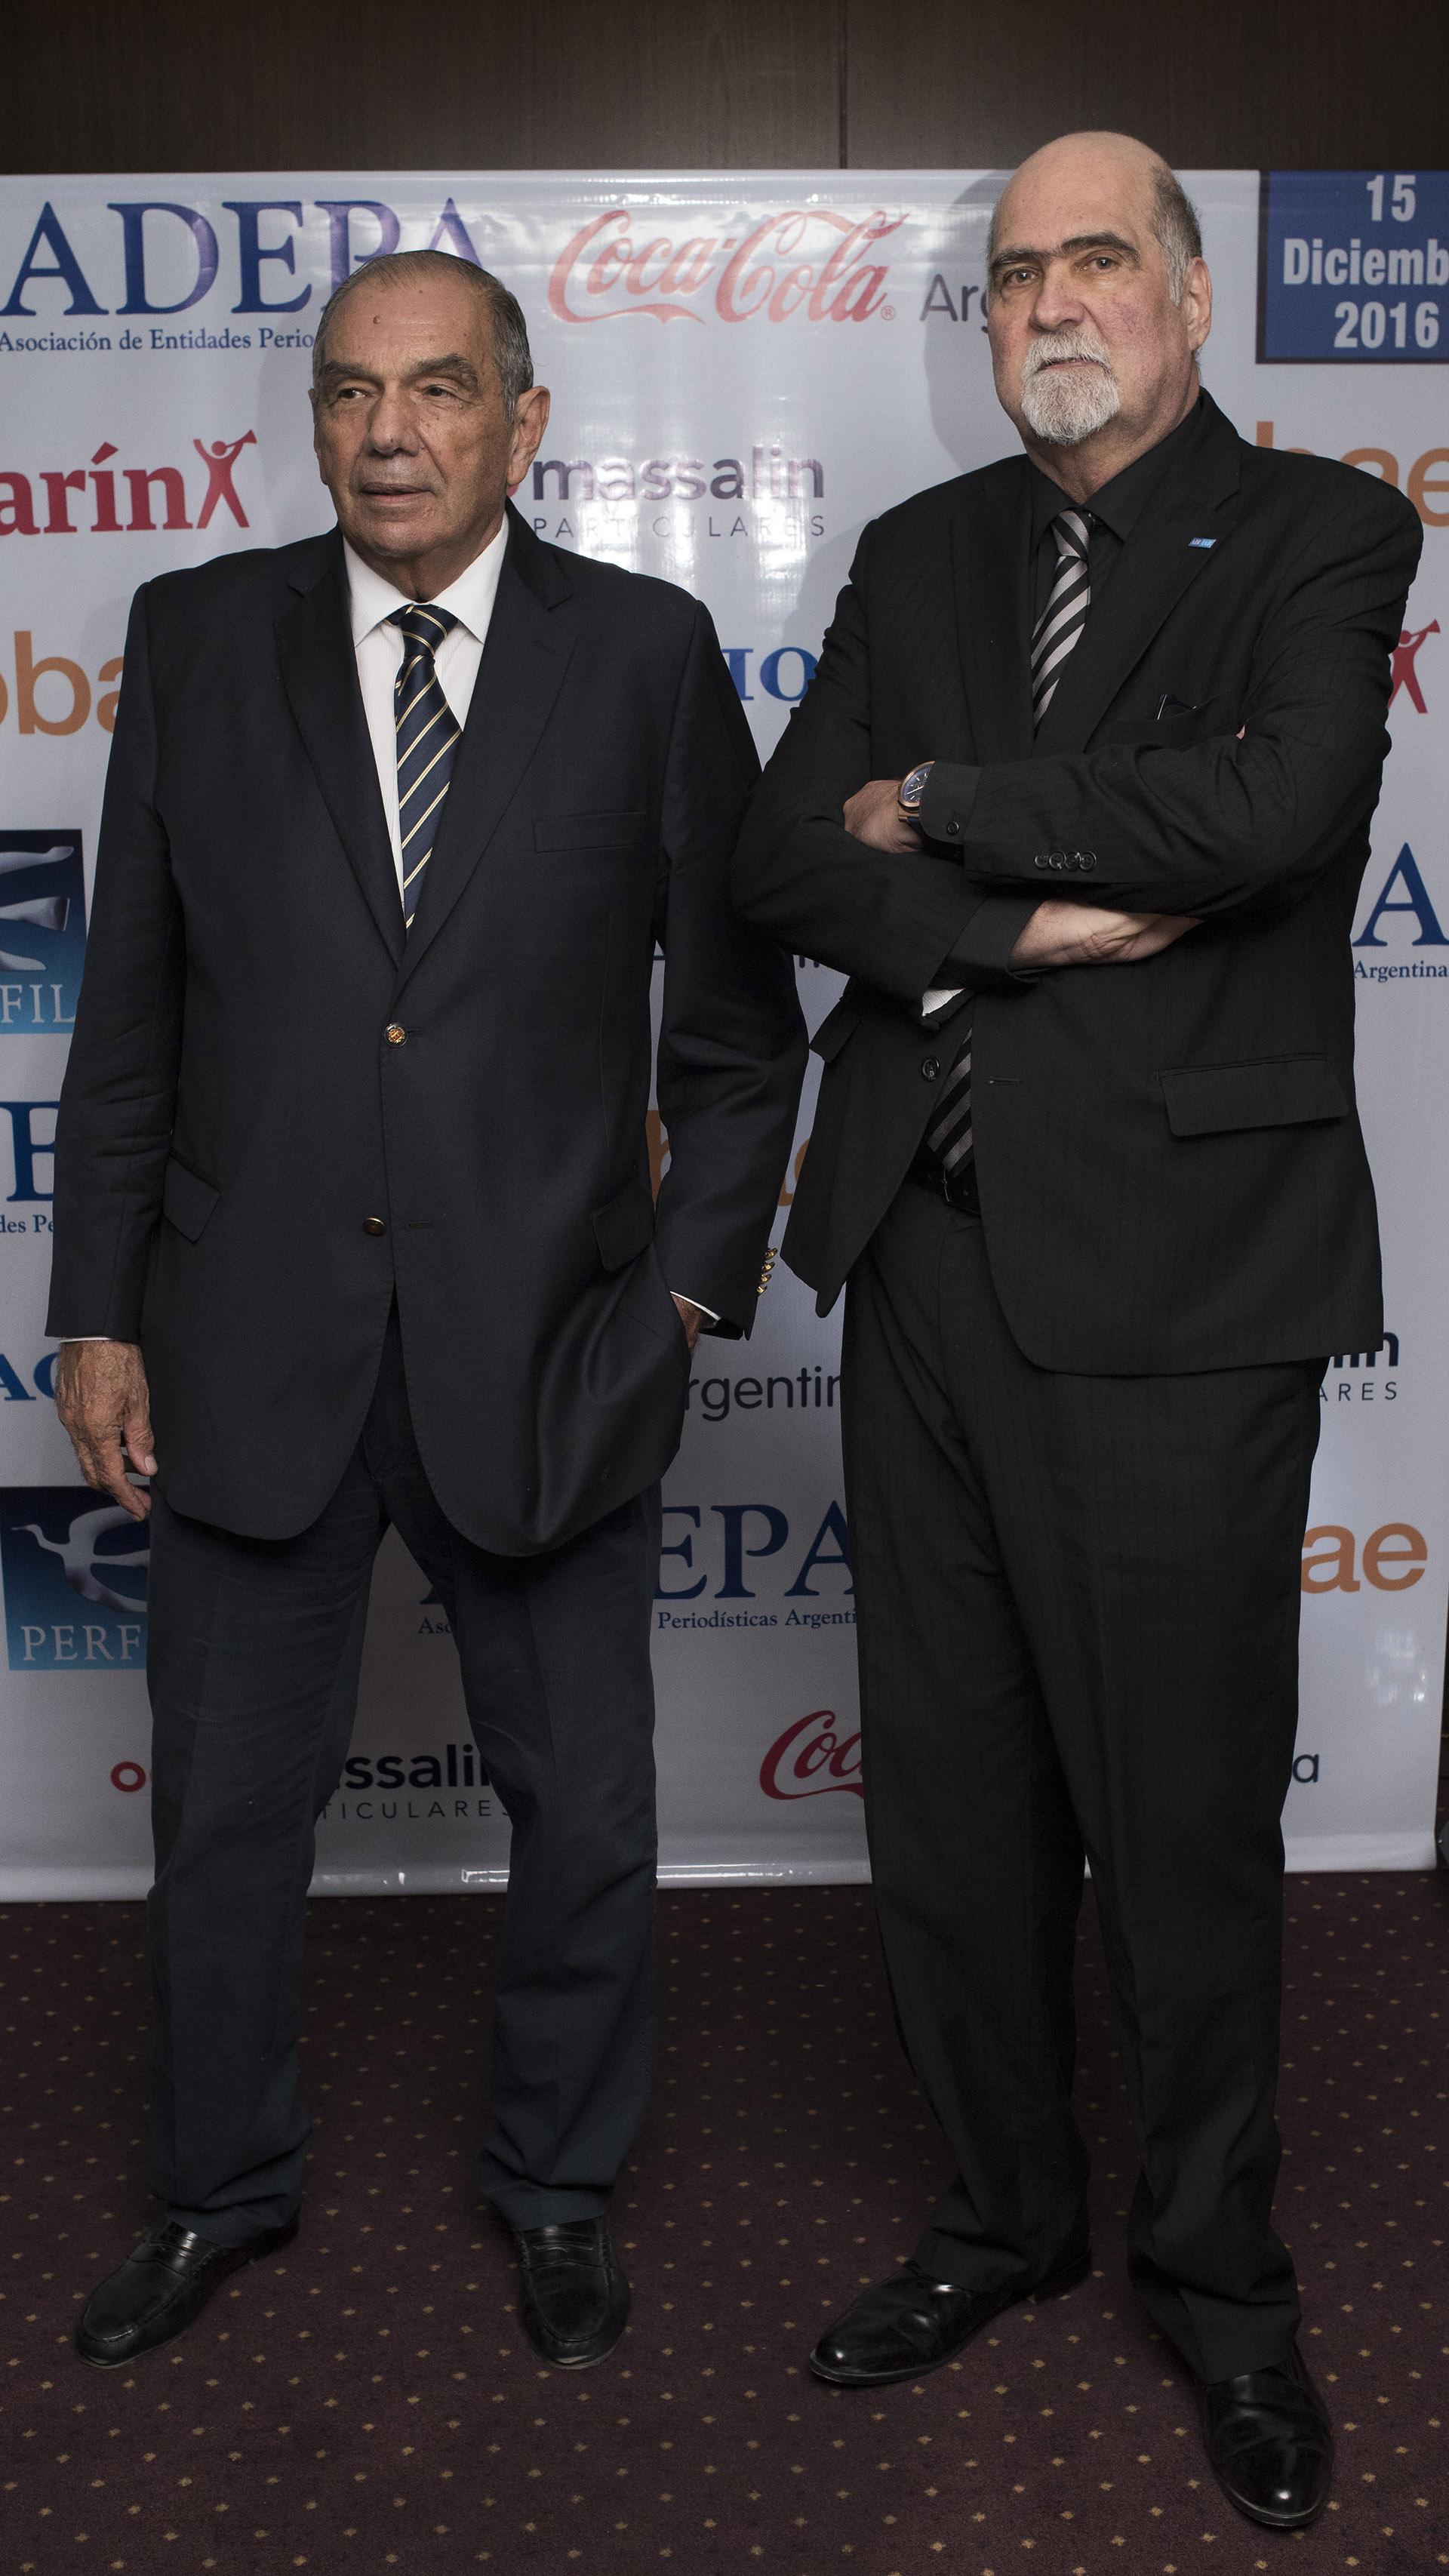 Hugo Colinet (El Litoral de Corrientes) y Luis Tarsitano (El Tribuno de Salta y Jujuy)